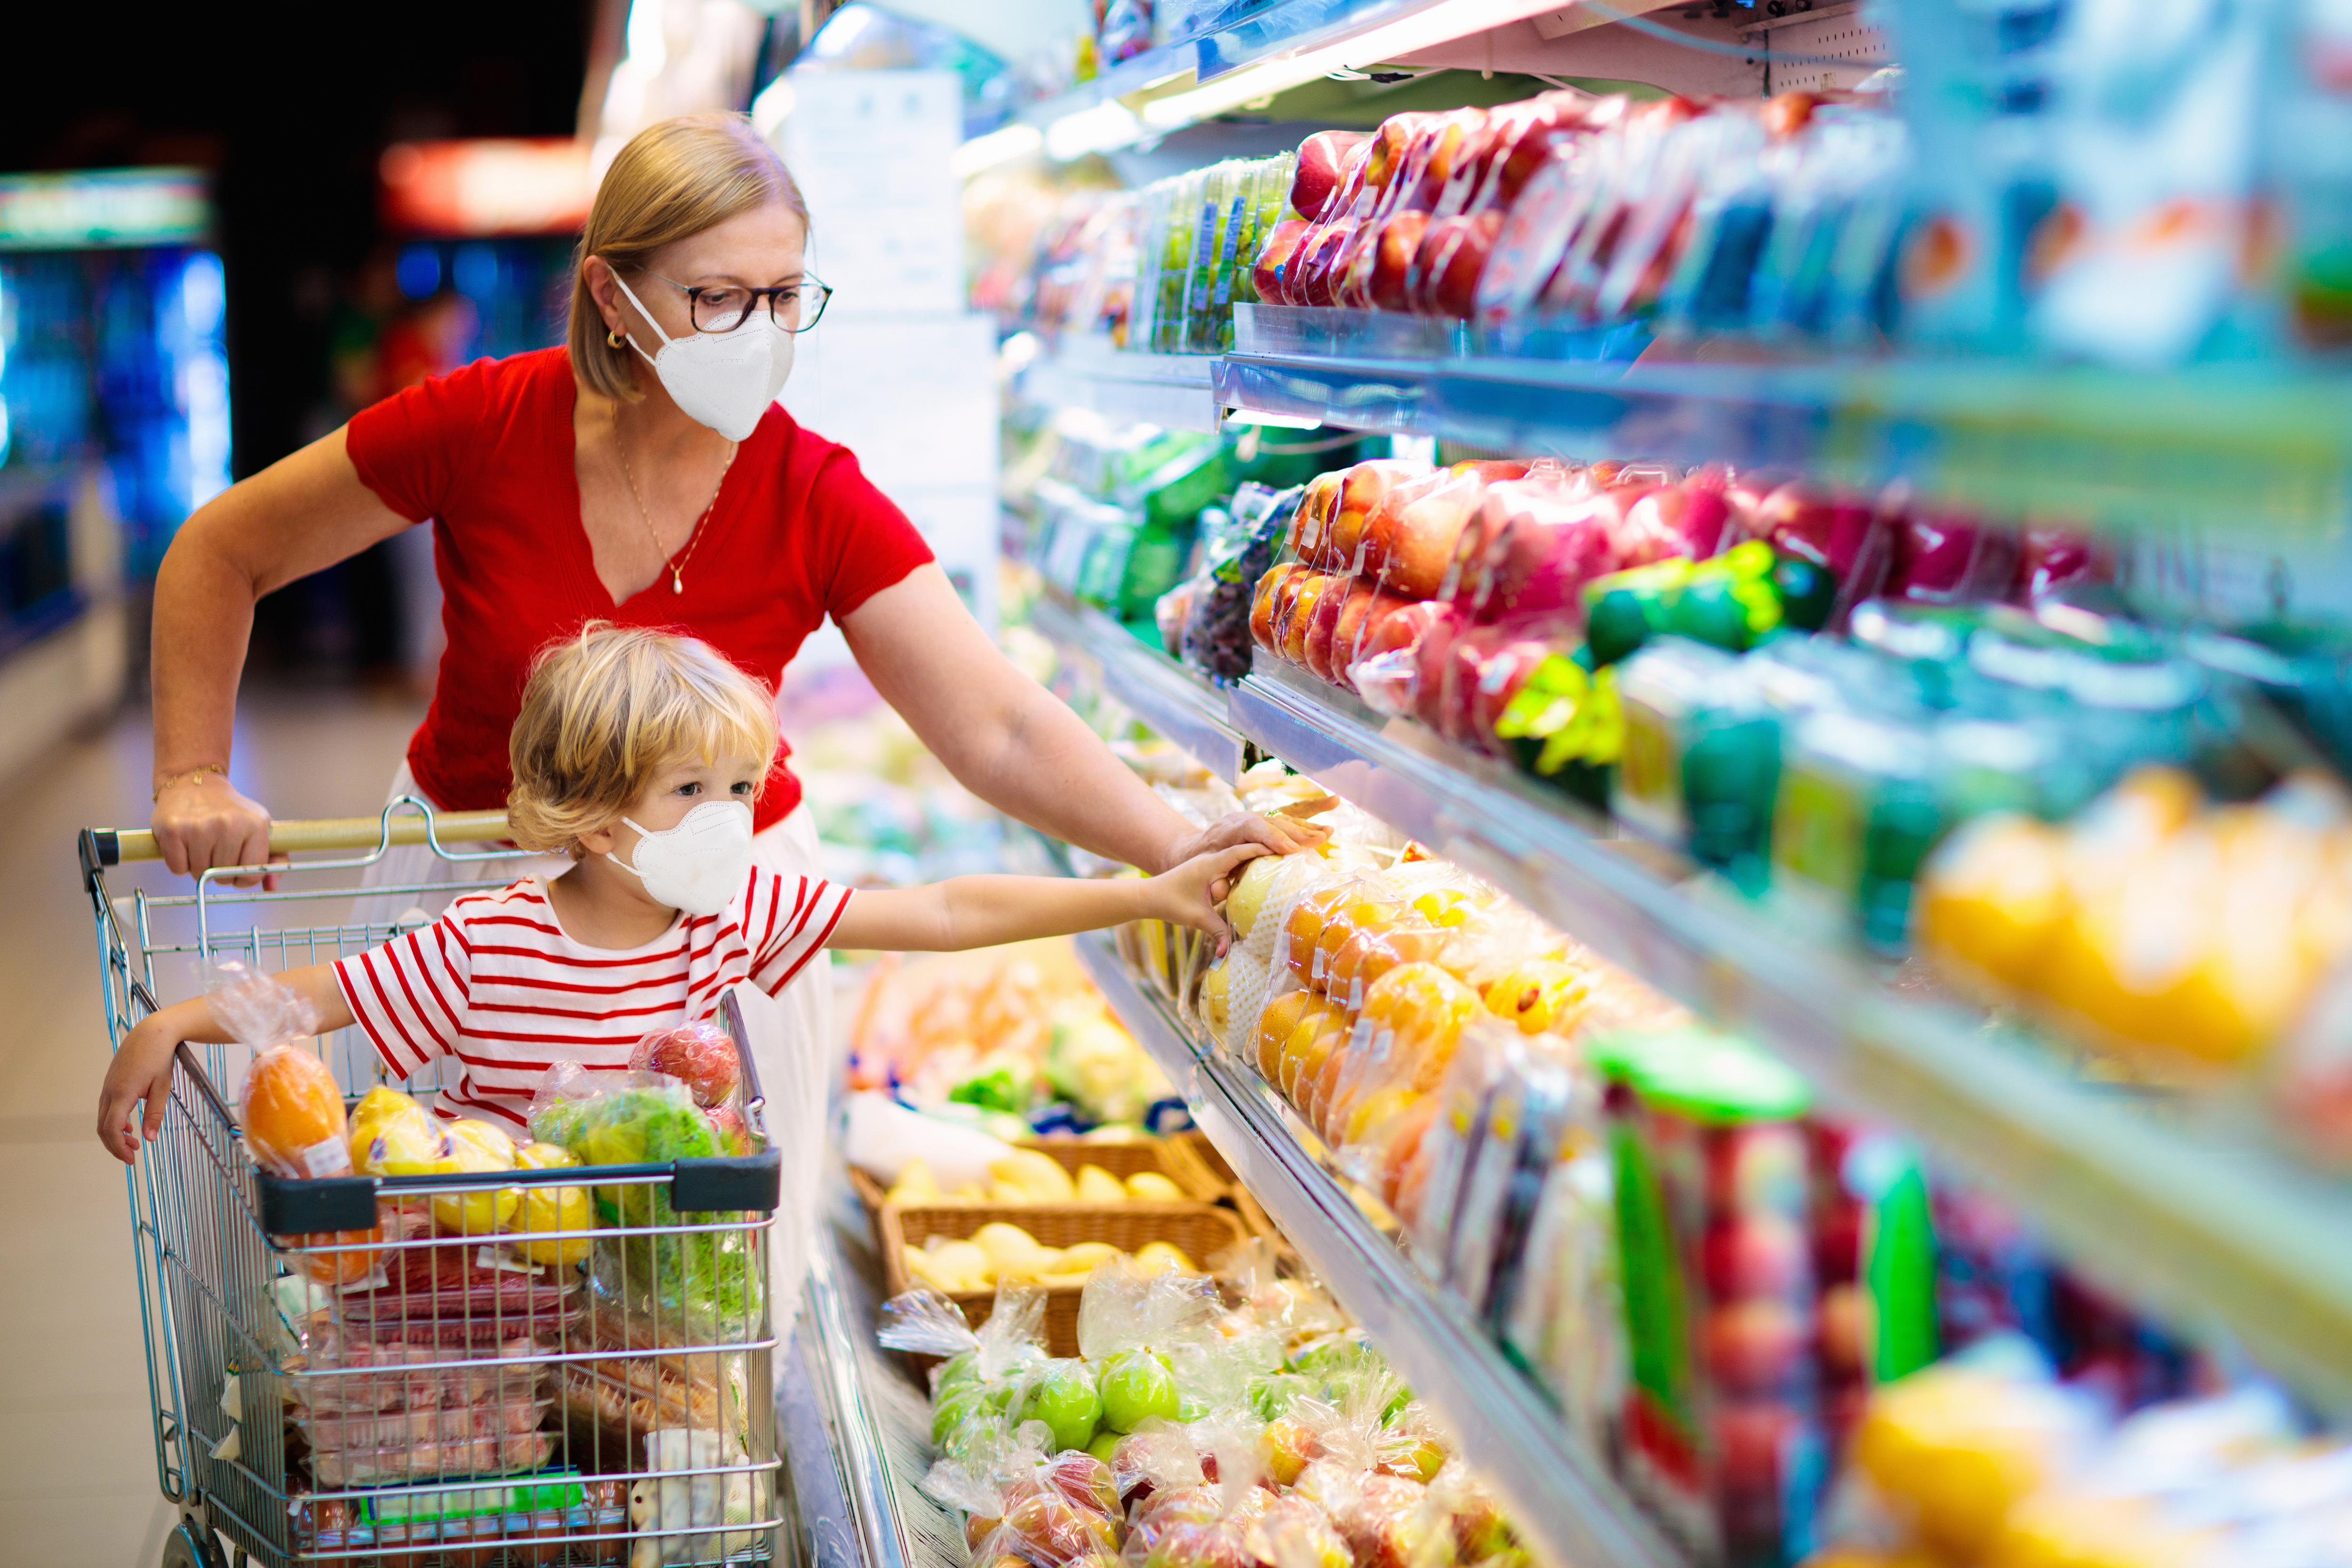 Mutter und Kind im Supermarkt während Corona-Krise